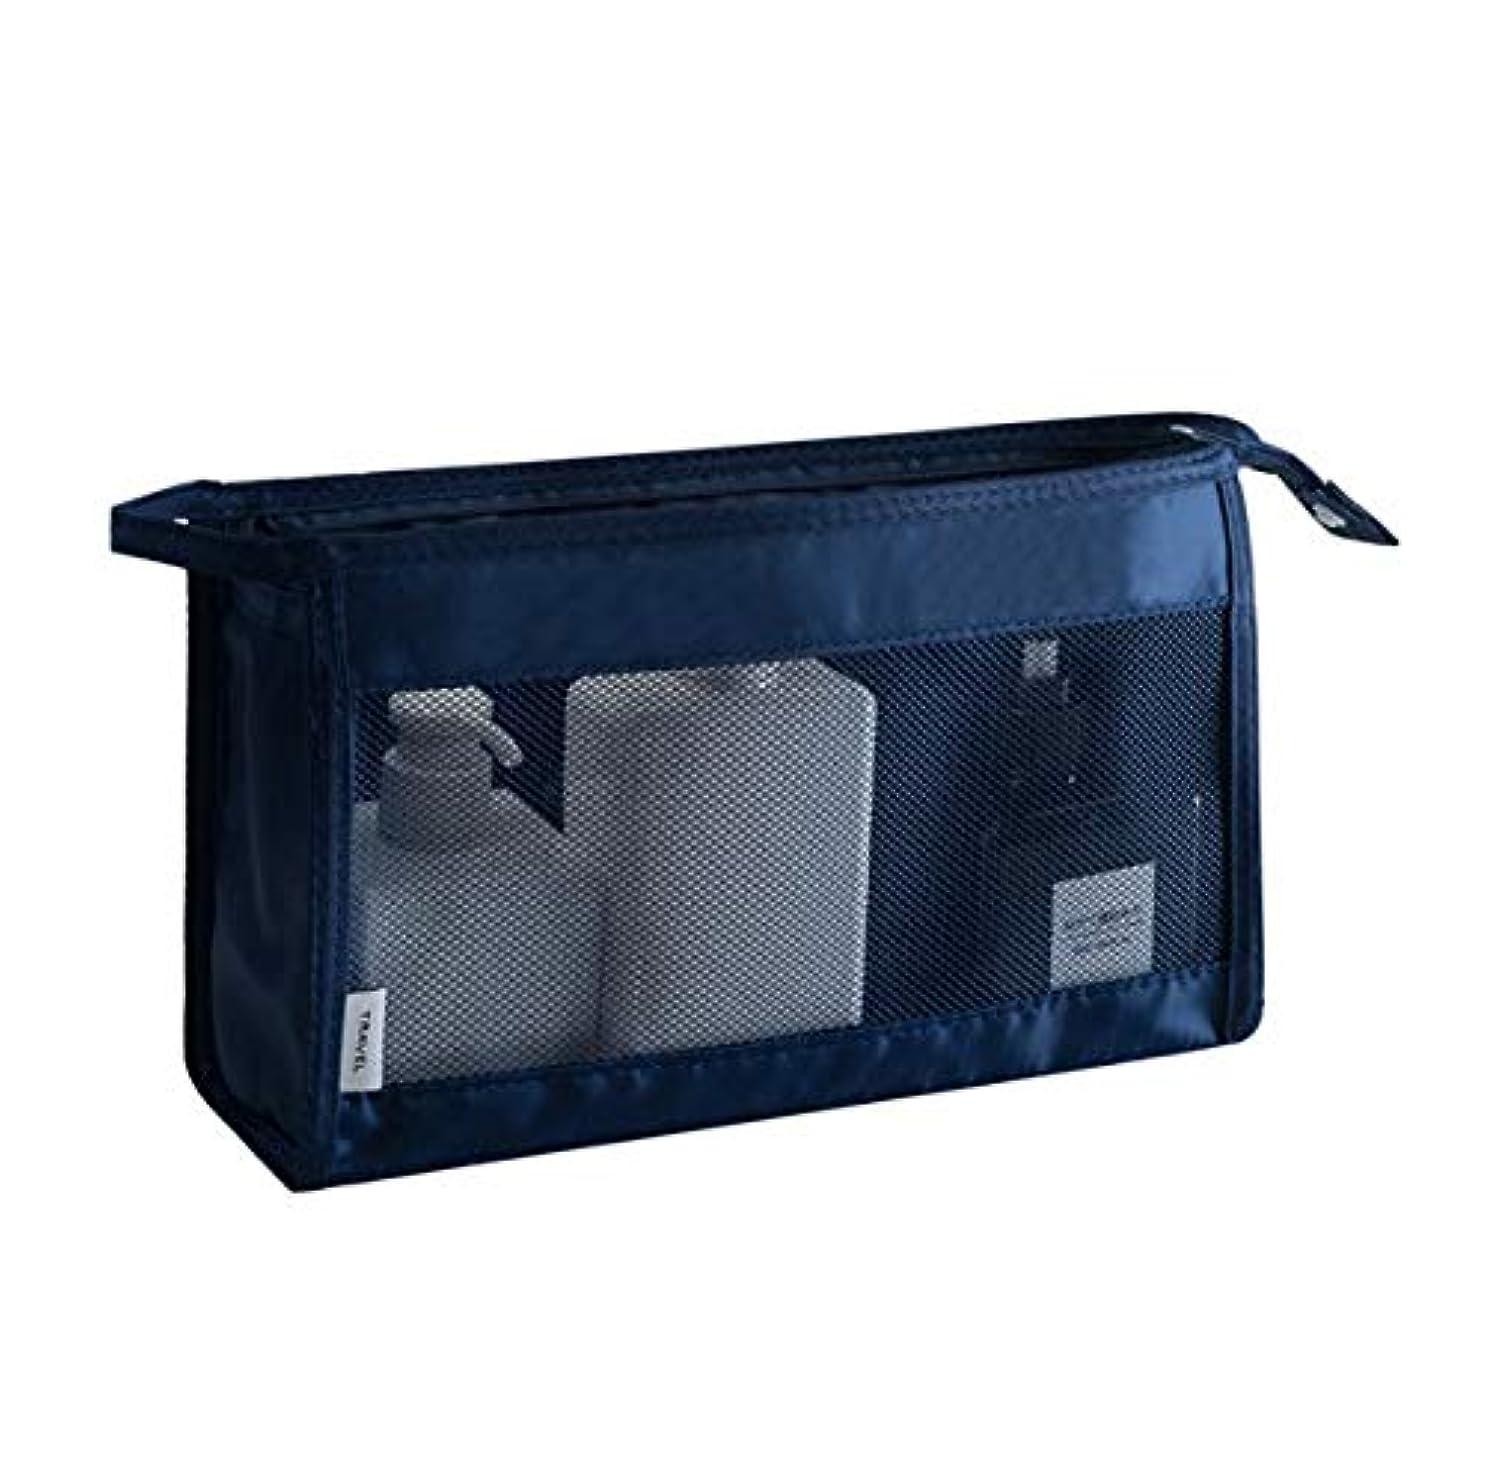 激怒大学有毒ShiMin 化粧バッグ、旅行用収納バッグ、ポータブルハンギング防水ウォッシュバッグ、メンズとレディースウォッシュバッグ (Color : Dark Blue)